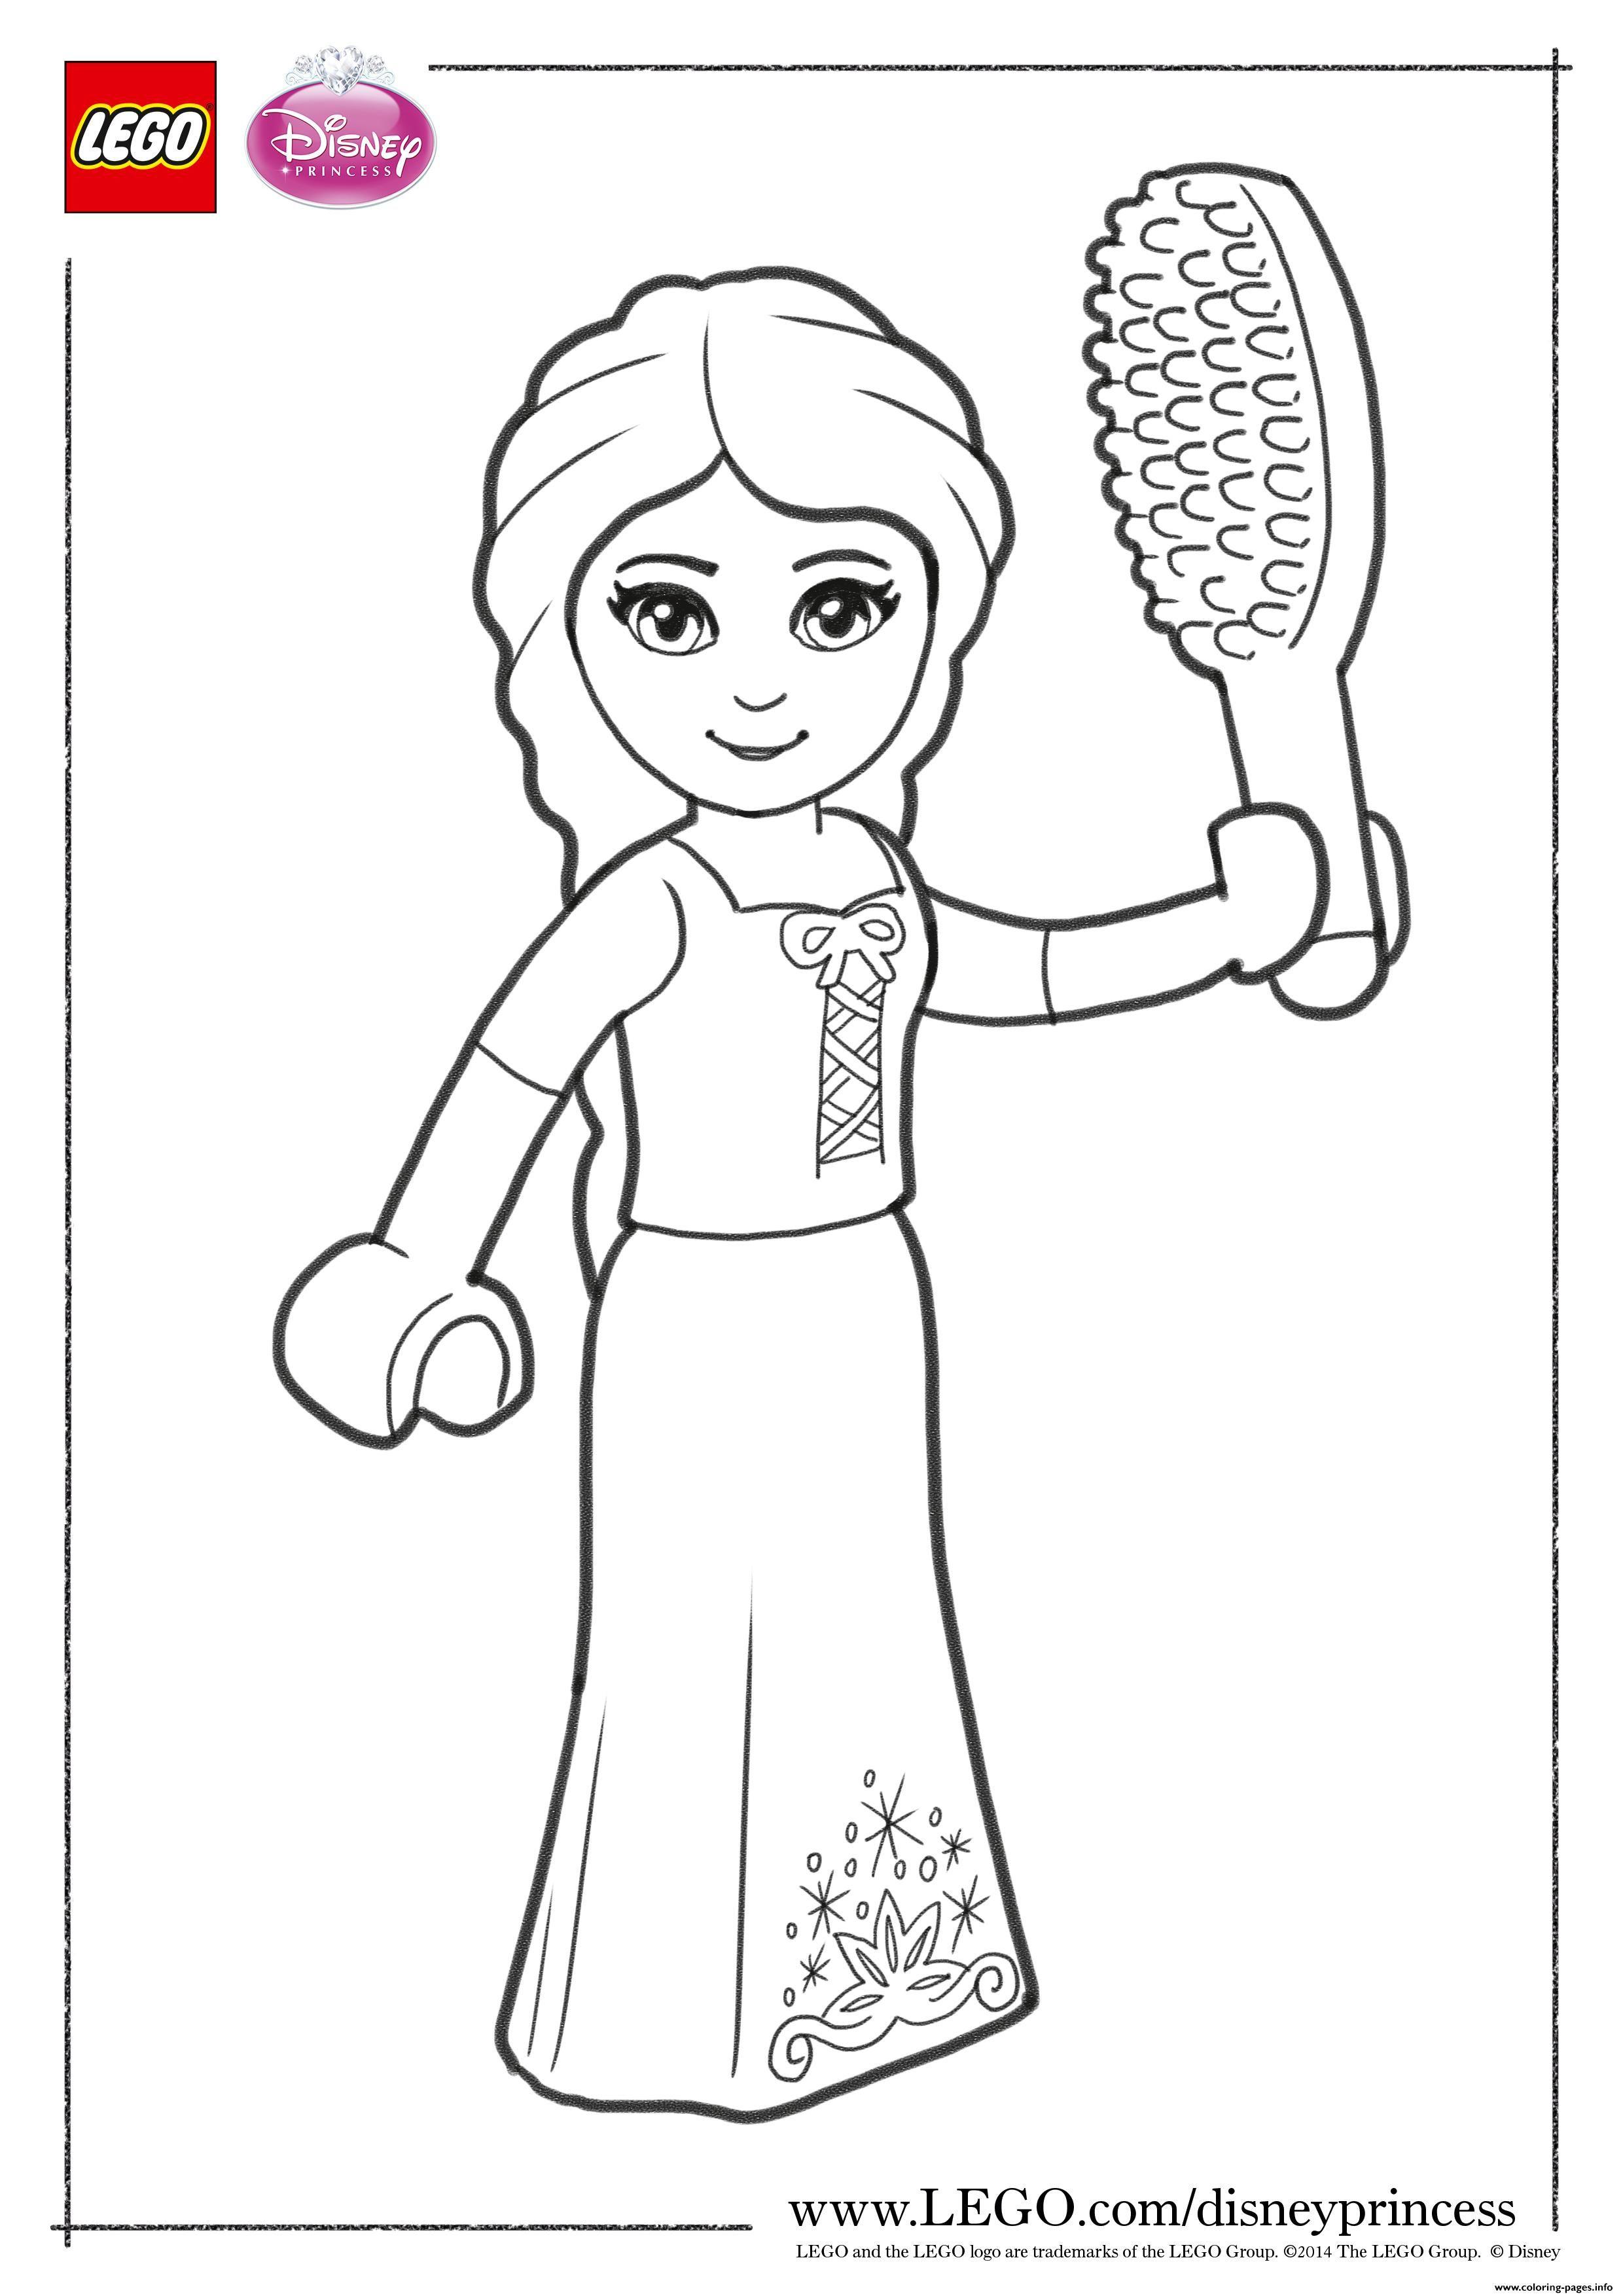 Print Rapunzel Close Up Lego Disney Coloring Pages Lego Coloring Pages Disney Coloring Pages Disney Princess Coloring Pages